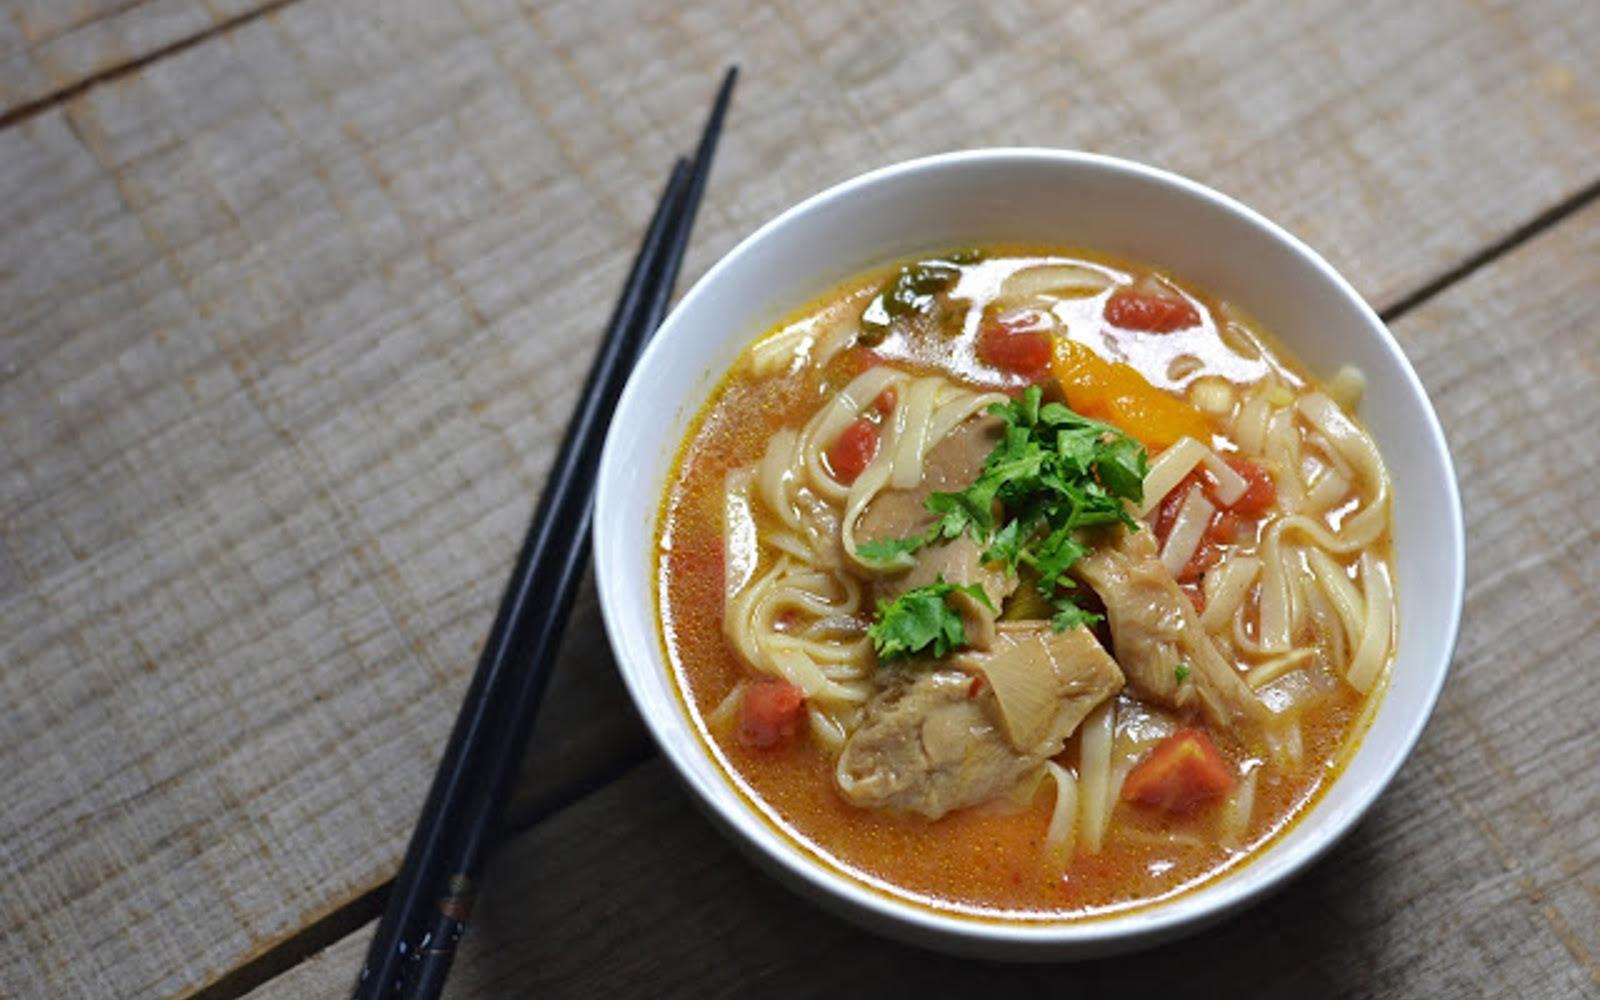 Oyster Mushroom Tom Yum Soup